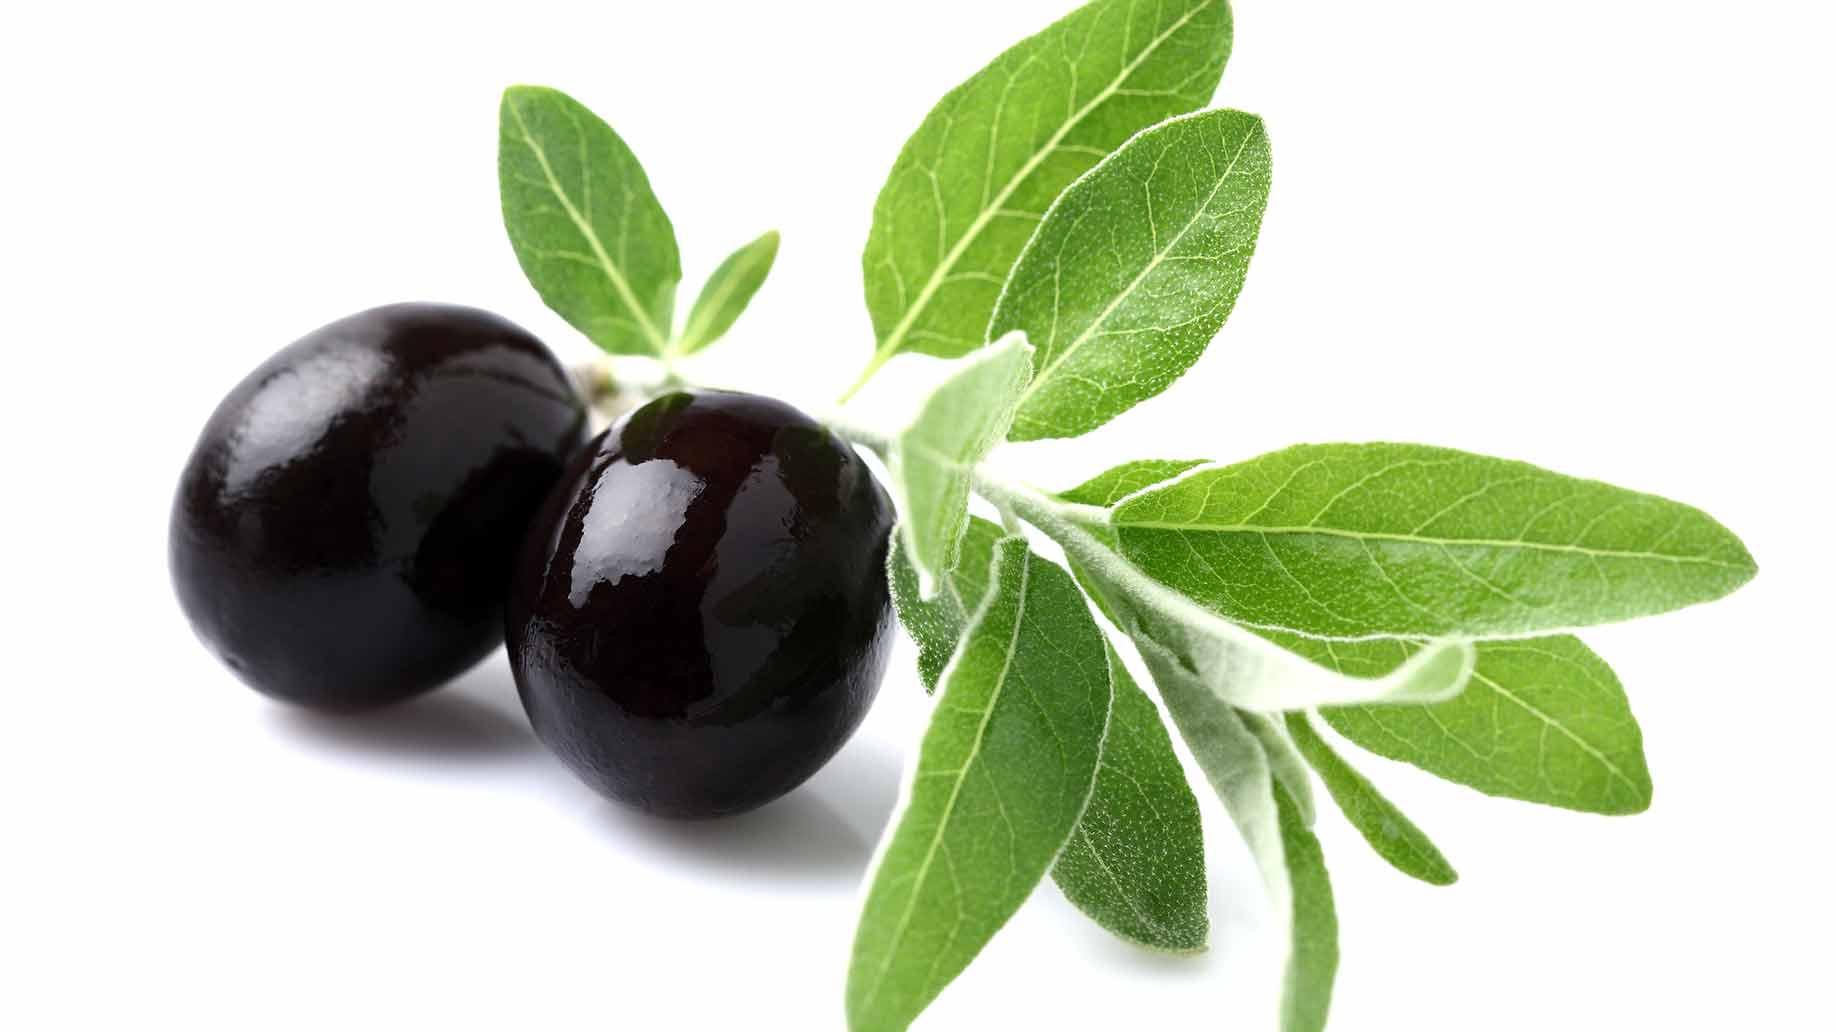 olive leaf extract green leaves black olives